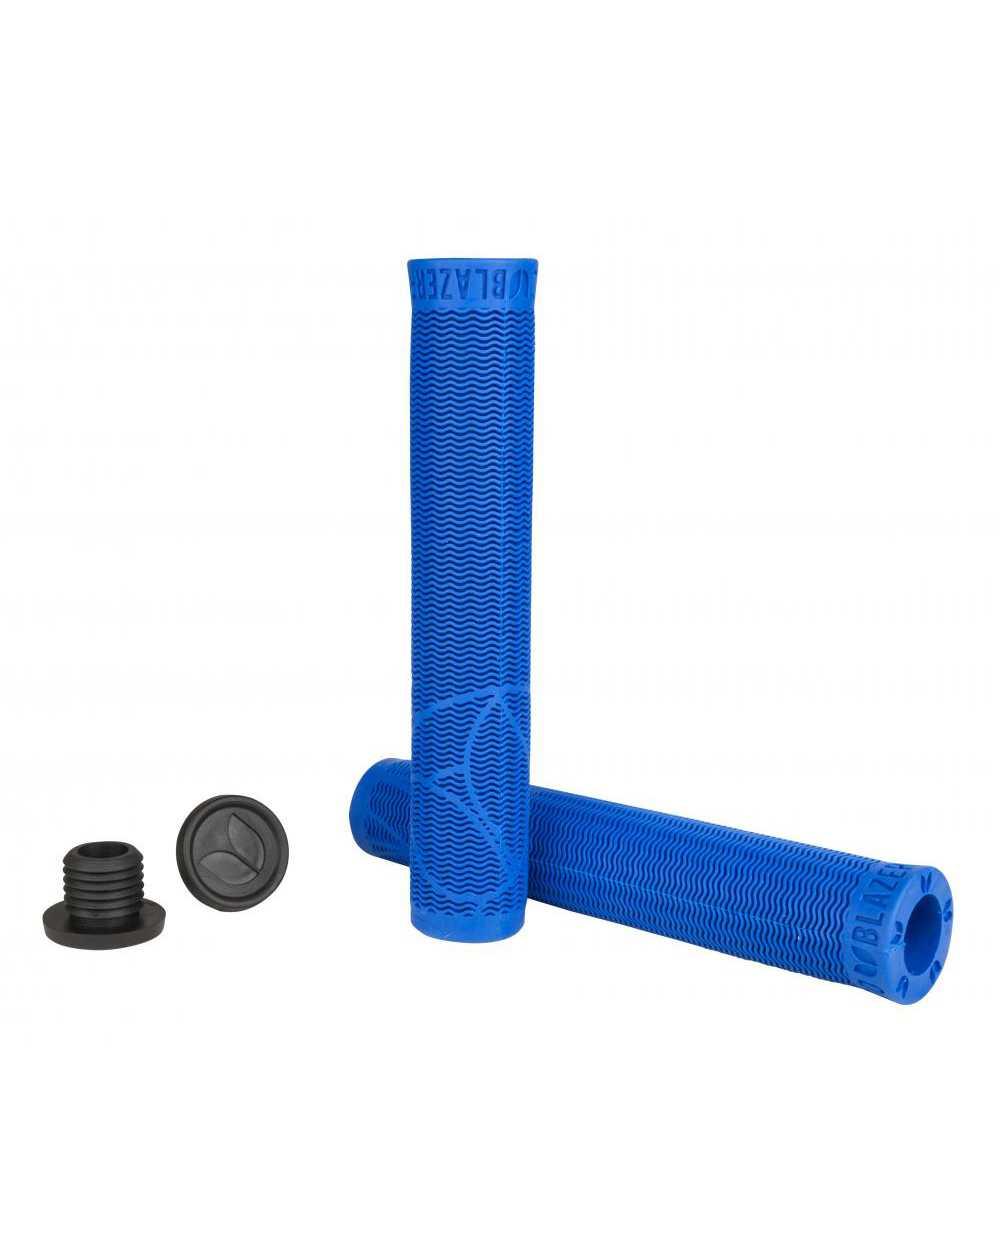 Blazer Pro Poigneés Trottinette Calibre Blue 2 pc